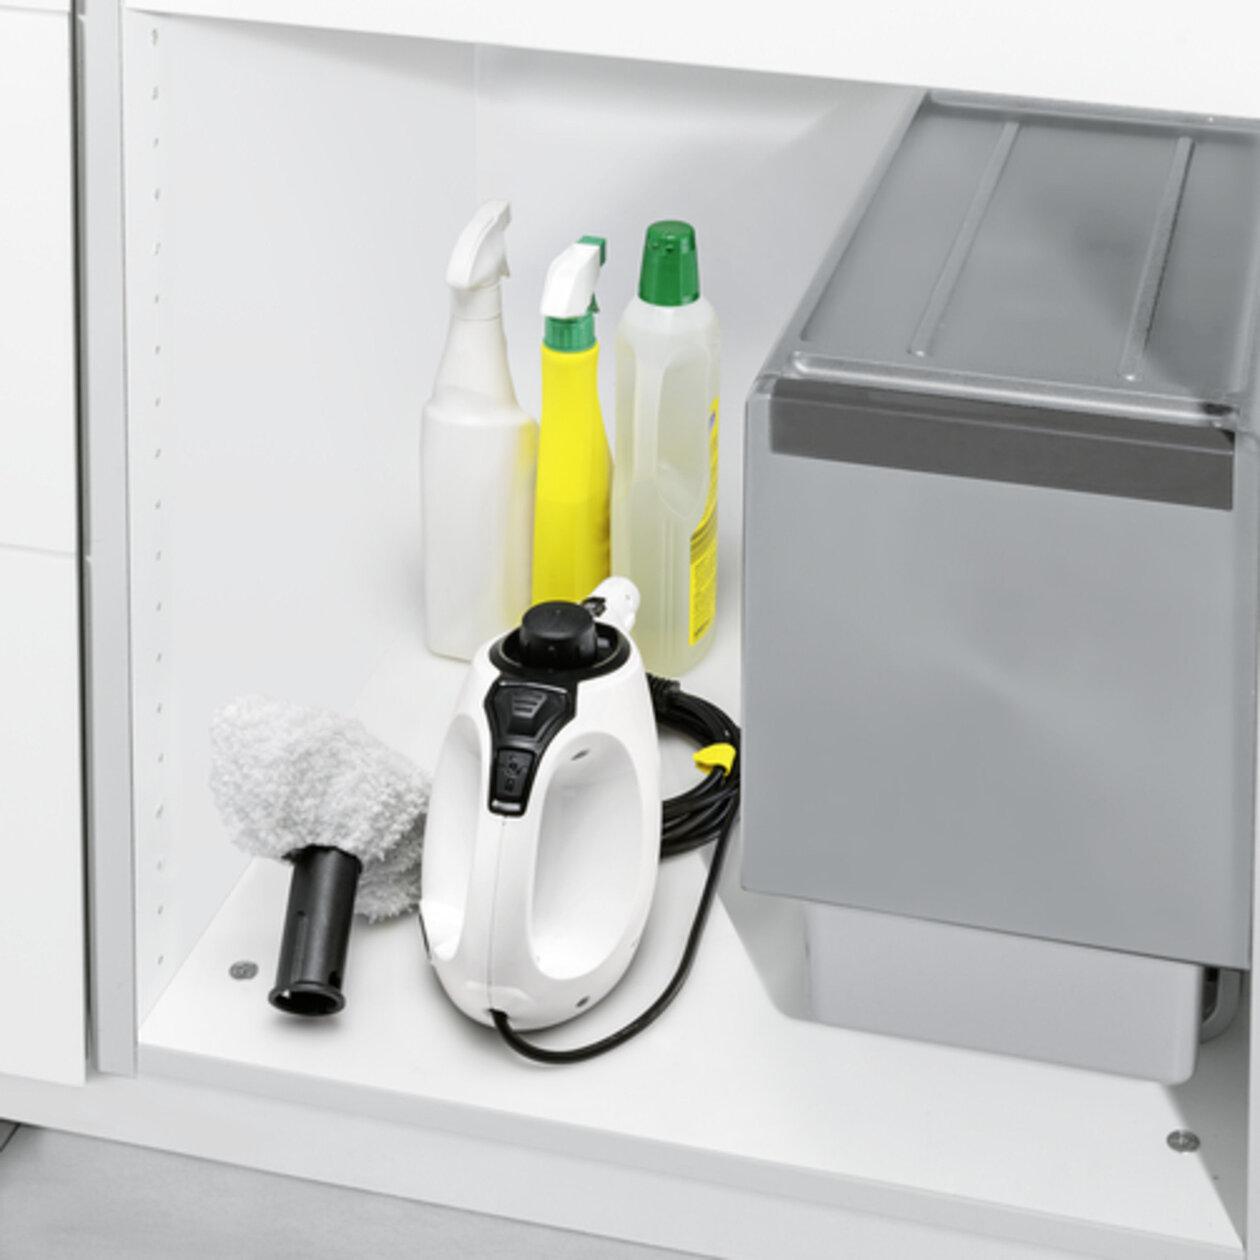 Пароочиститель SC 1 Premium: Маленький, ручной и компактный